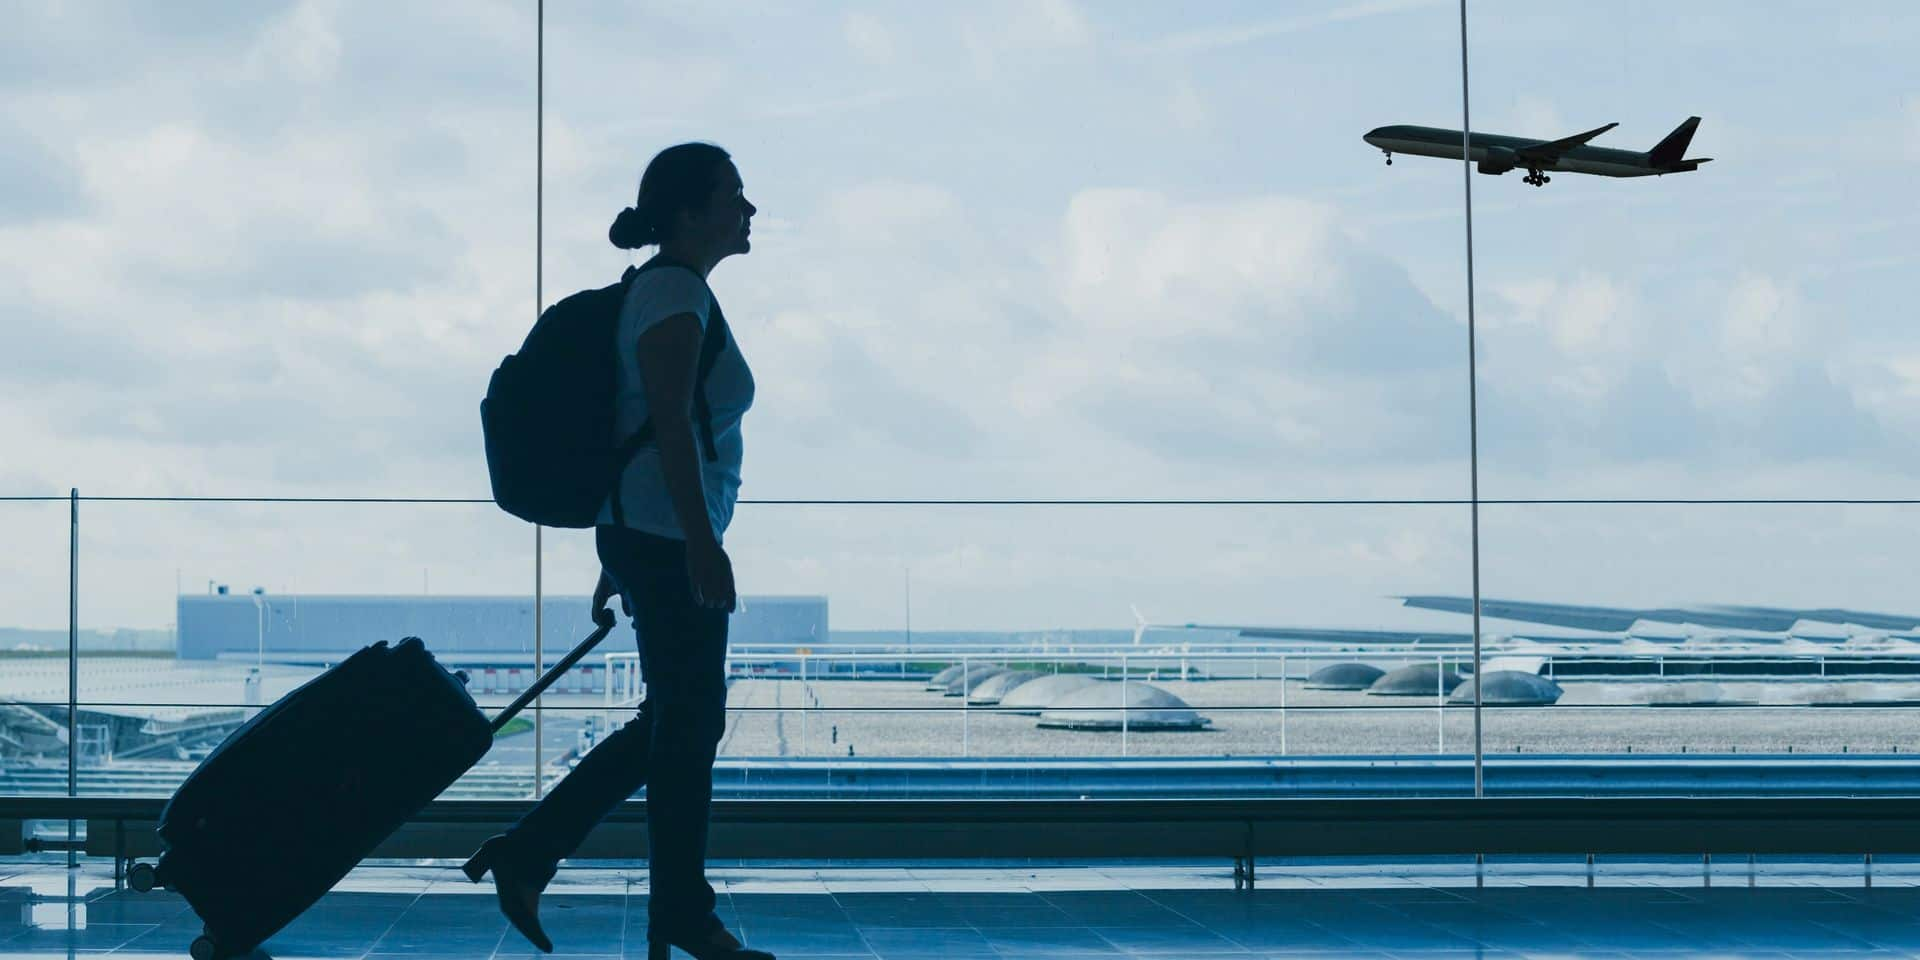 Les Belges seront plus nombreux à se rendre à l'étranger cet été: voici les destinations prisées